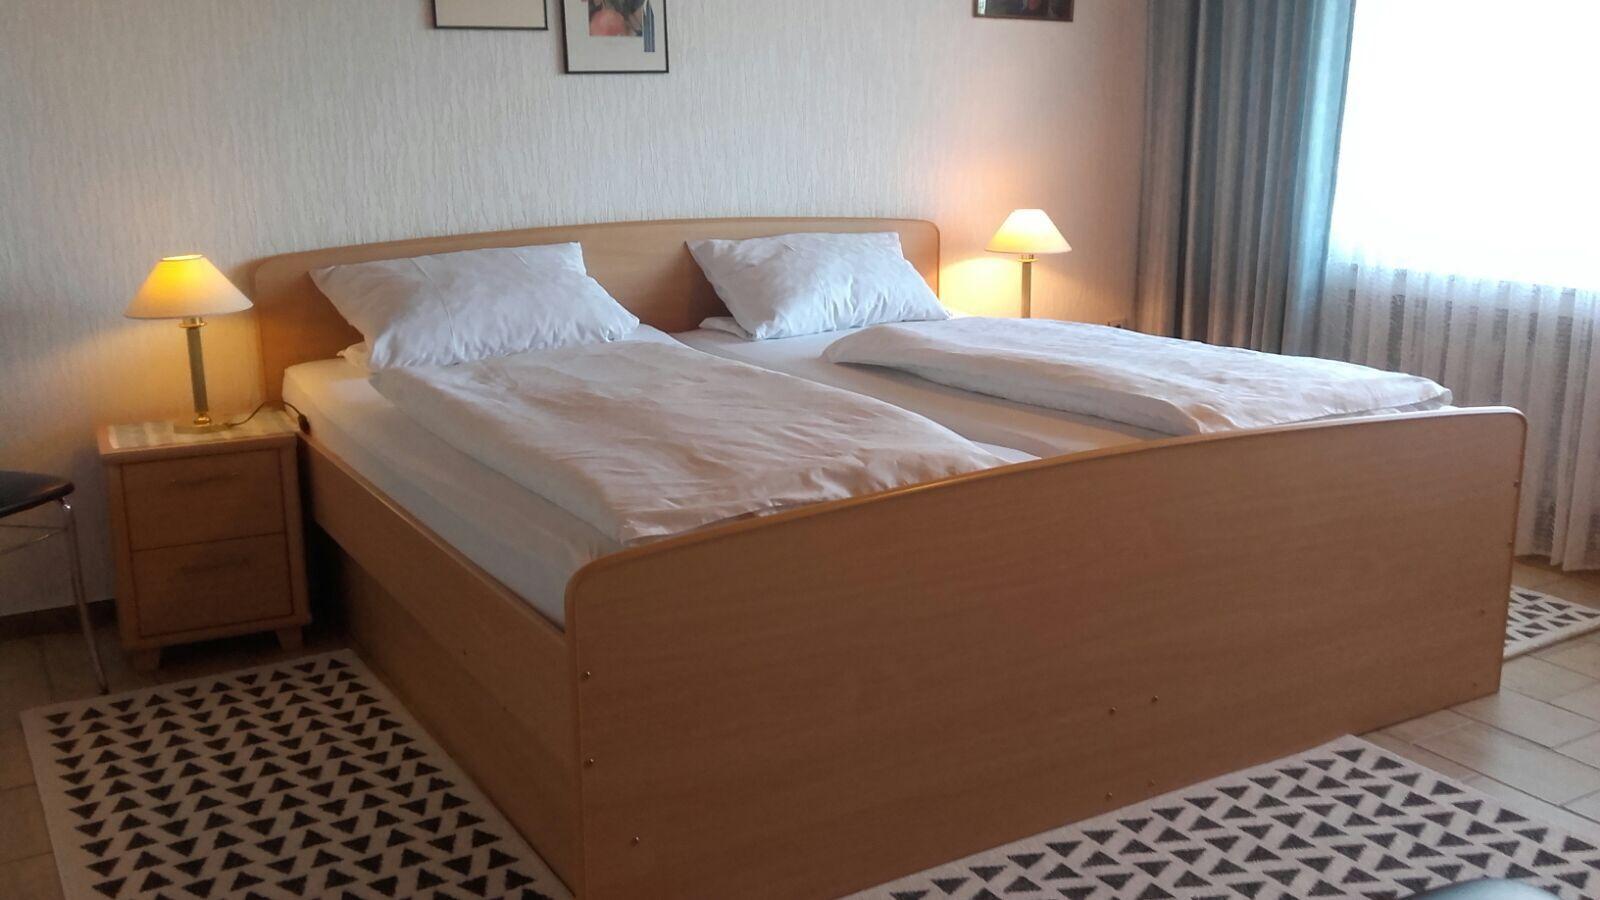 Flur und Sicht ins Wohn- und Schlafzimme